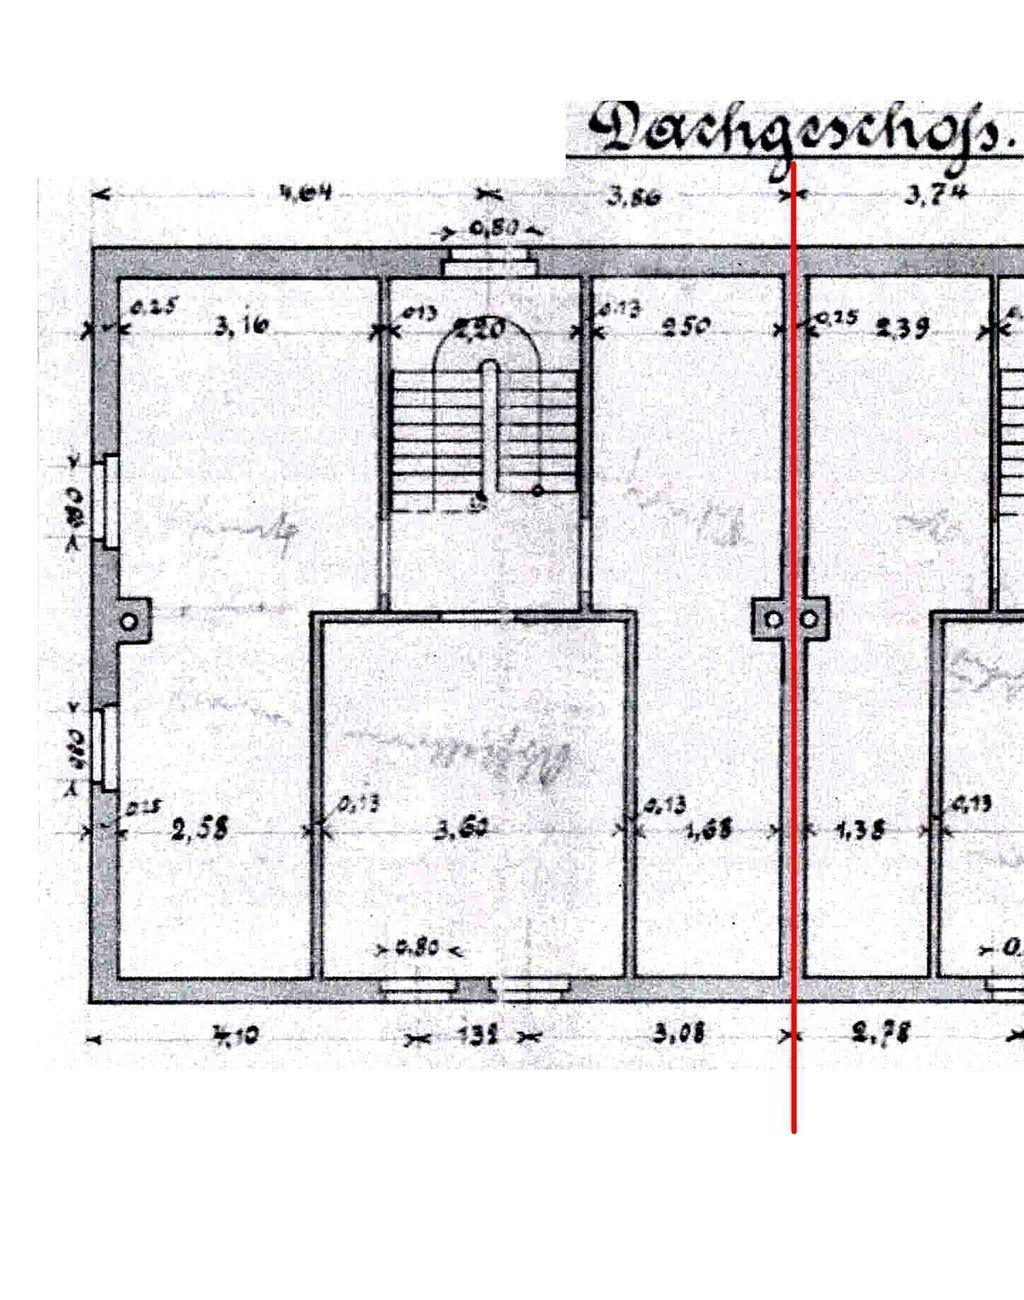 Vorderhaus Dachgeschoss